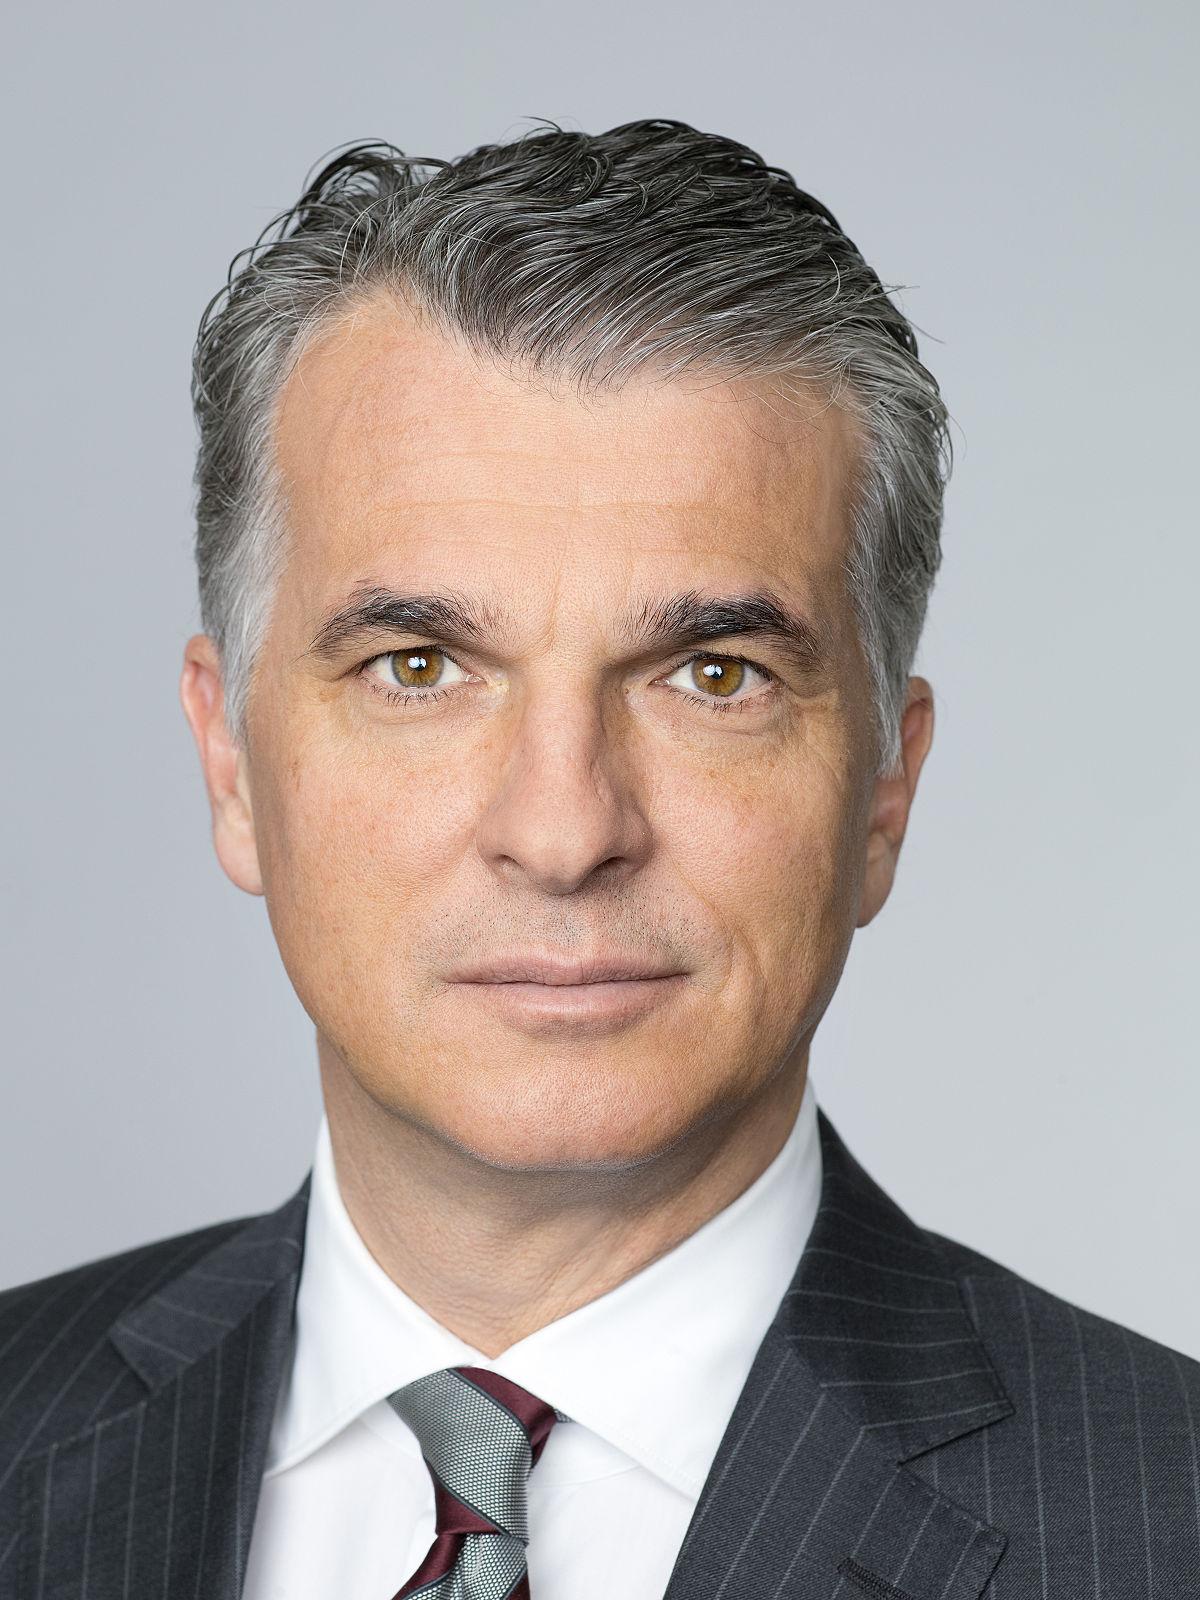 Sergio Ermotti - Wikipedia